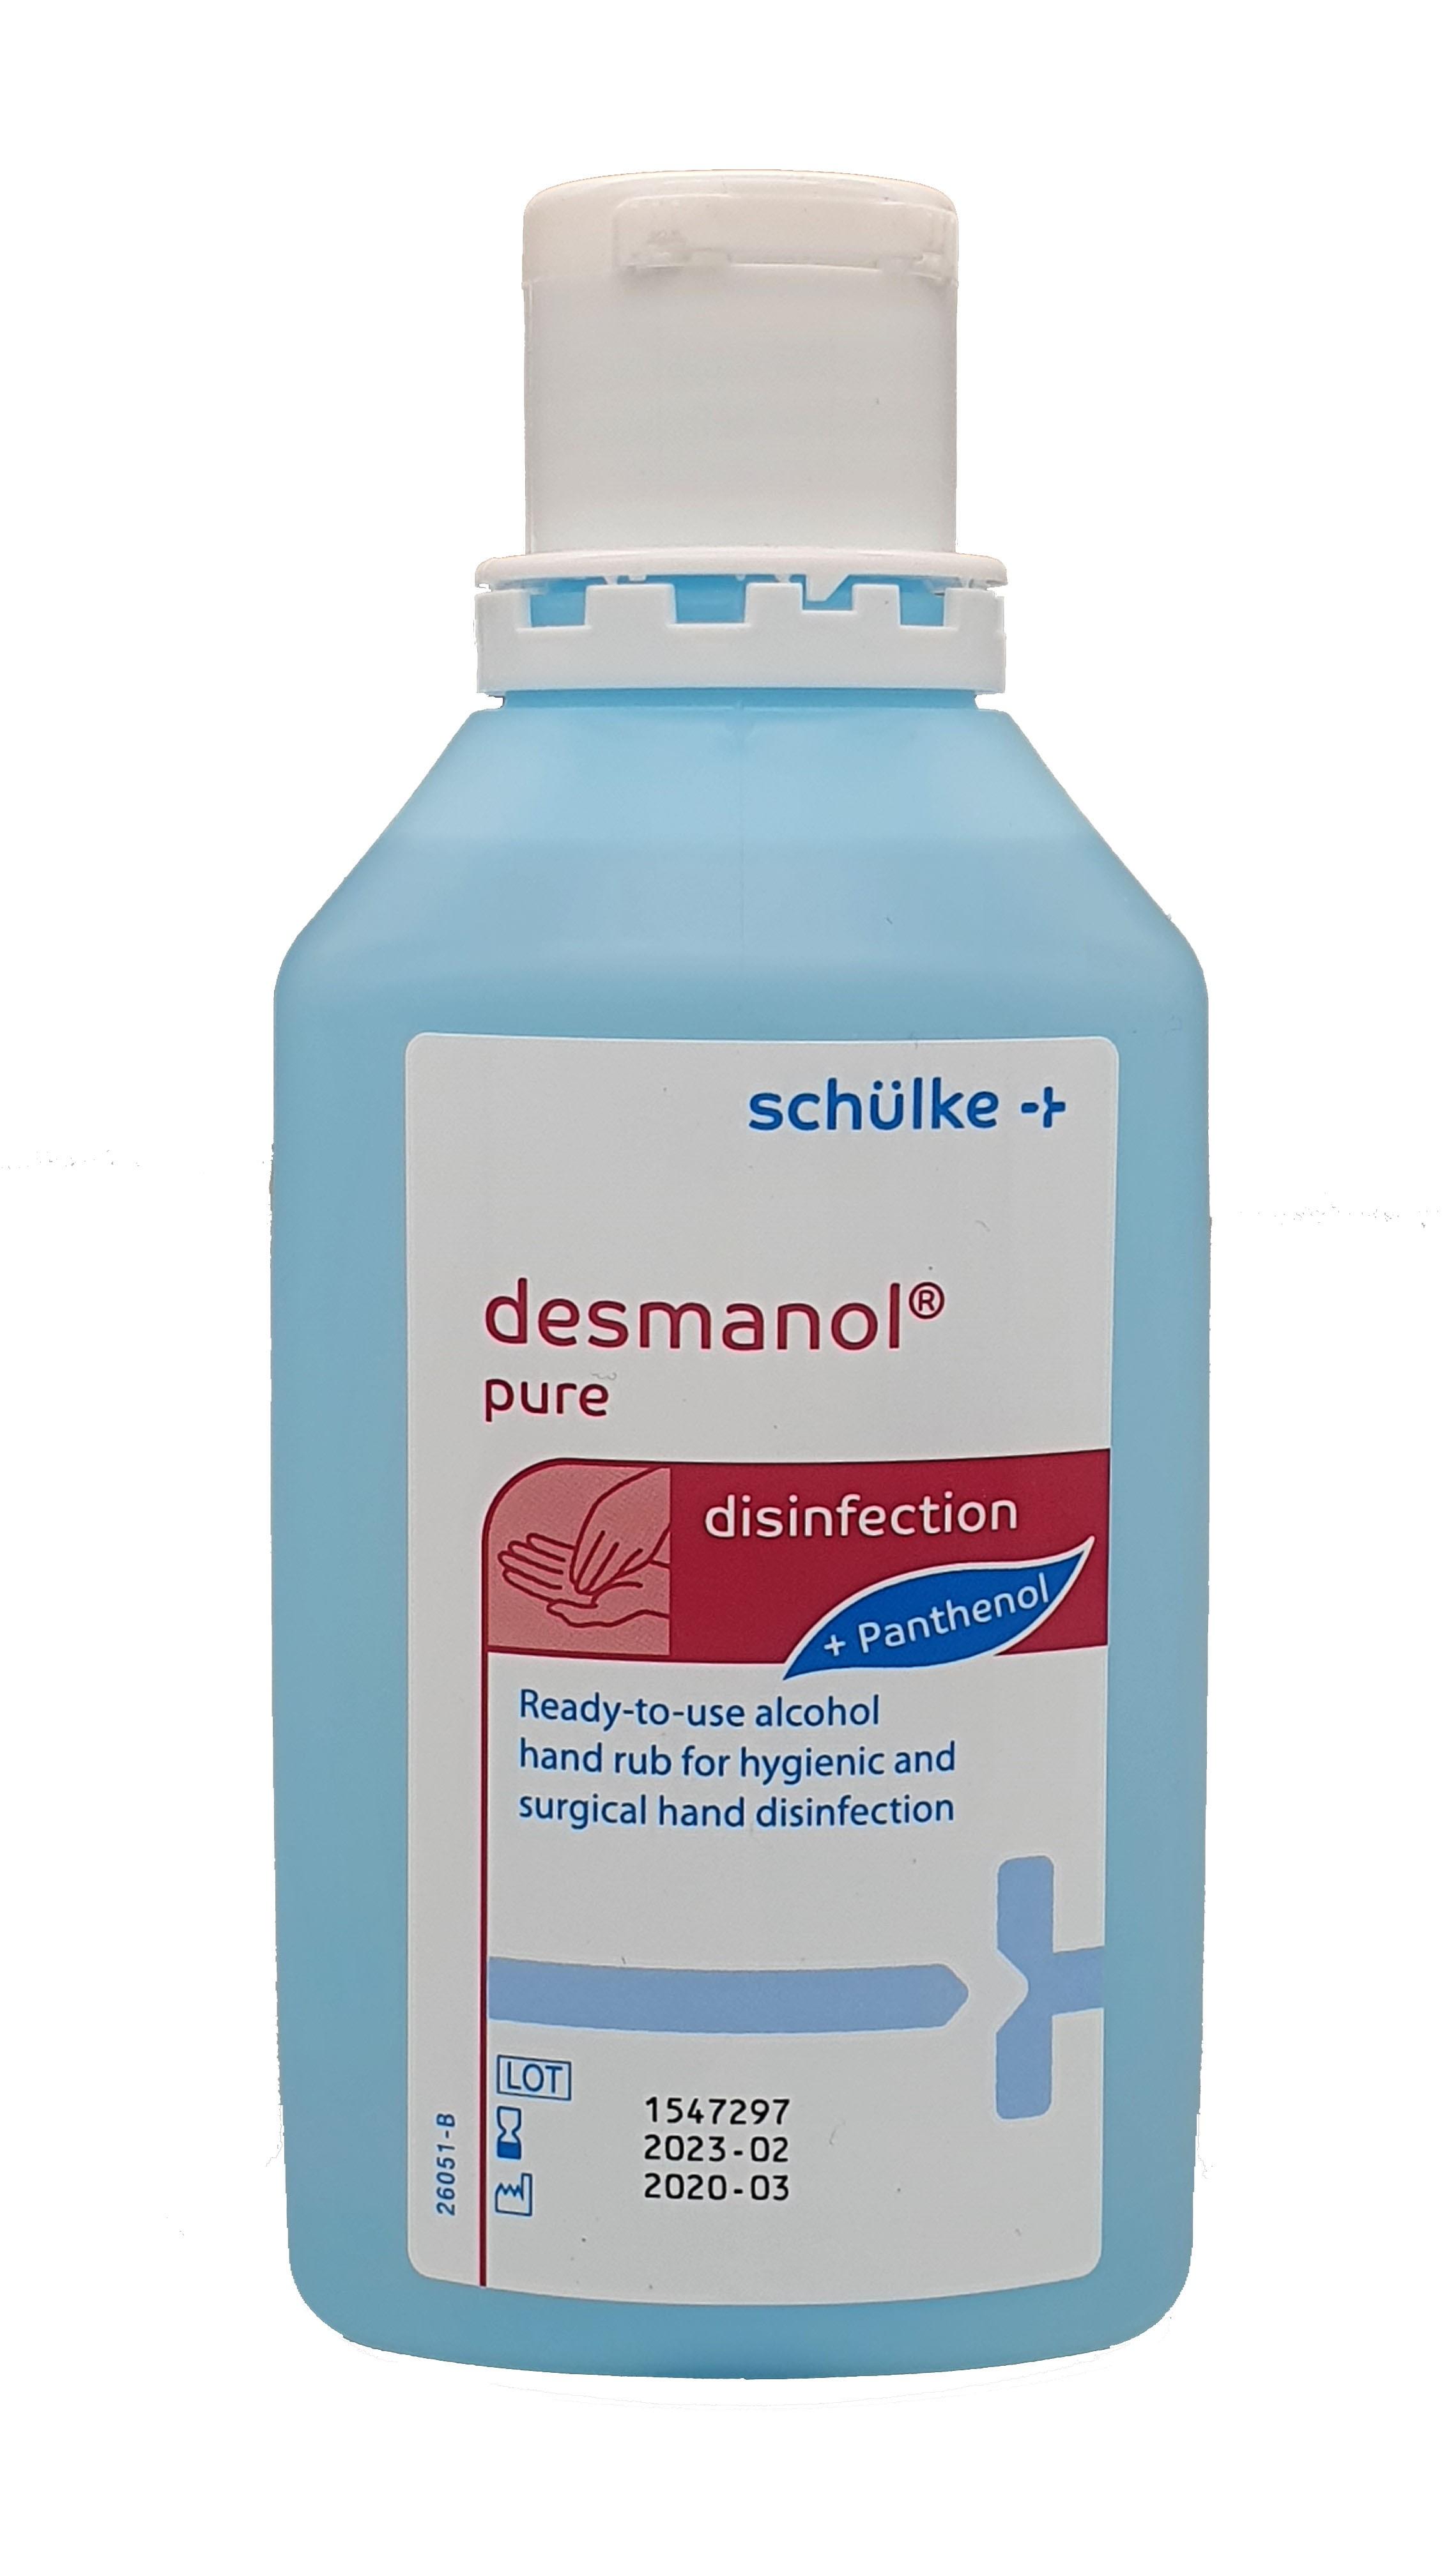 desmanol pure, 500 ml Flasche